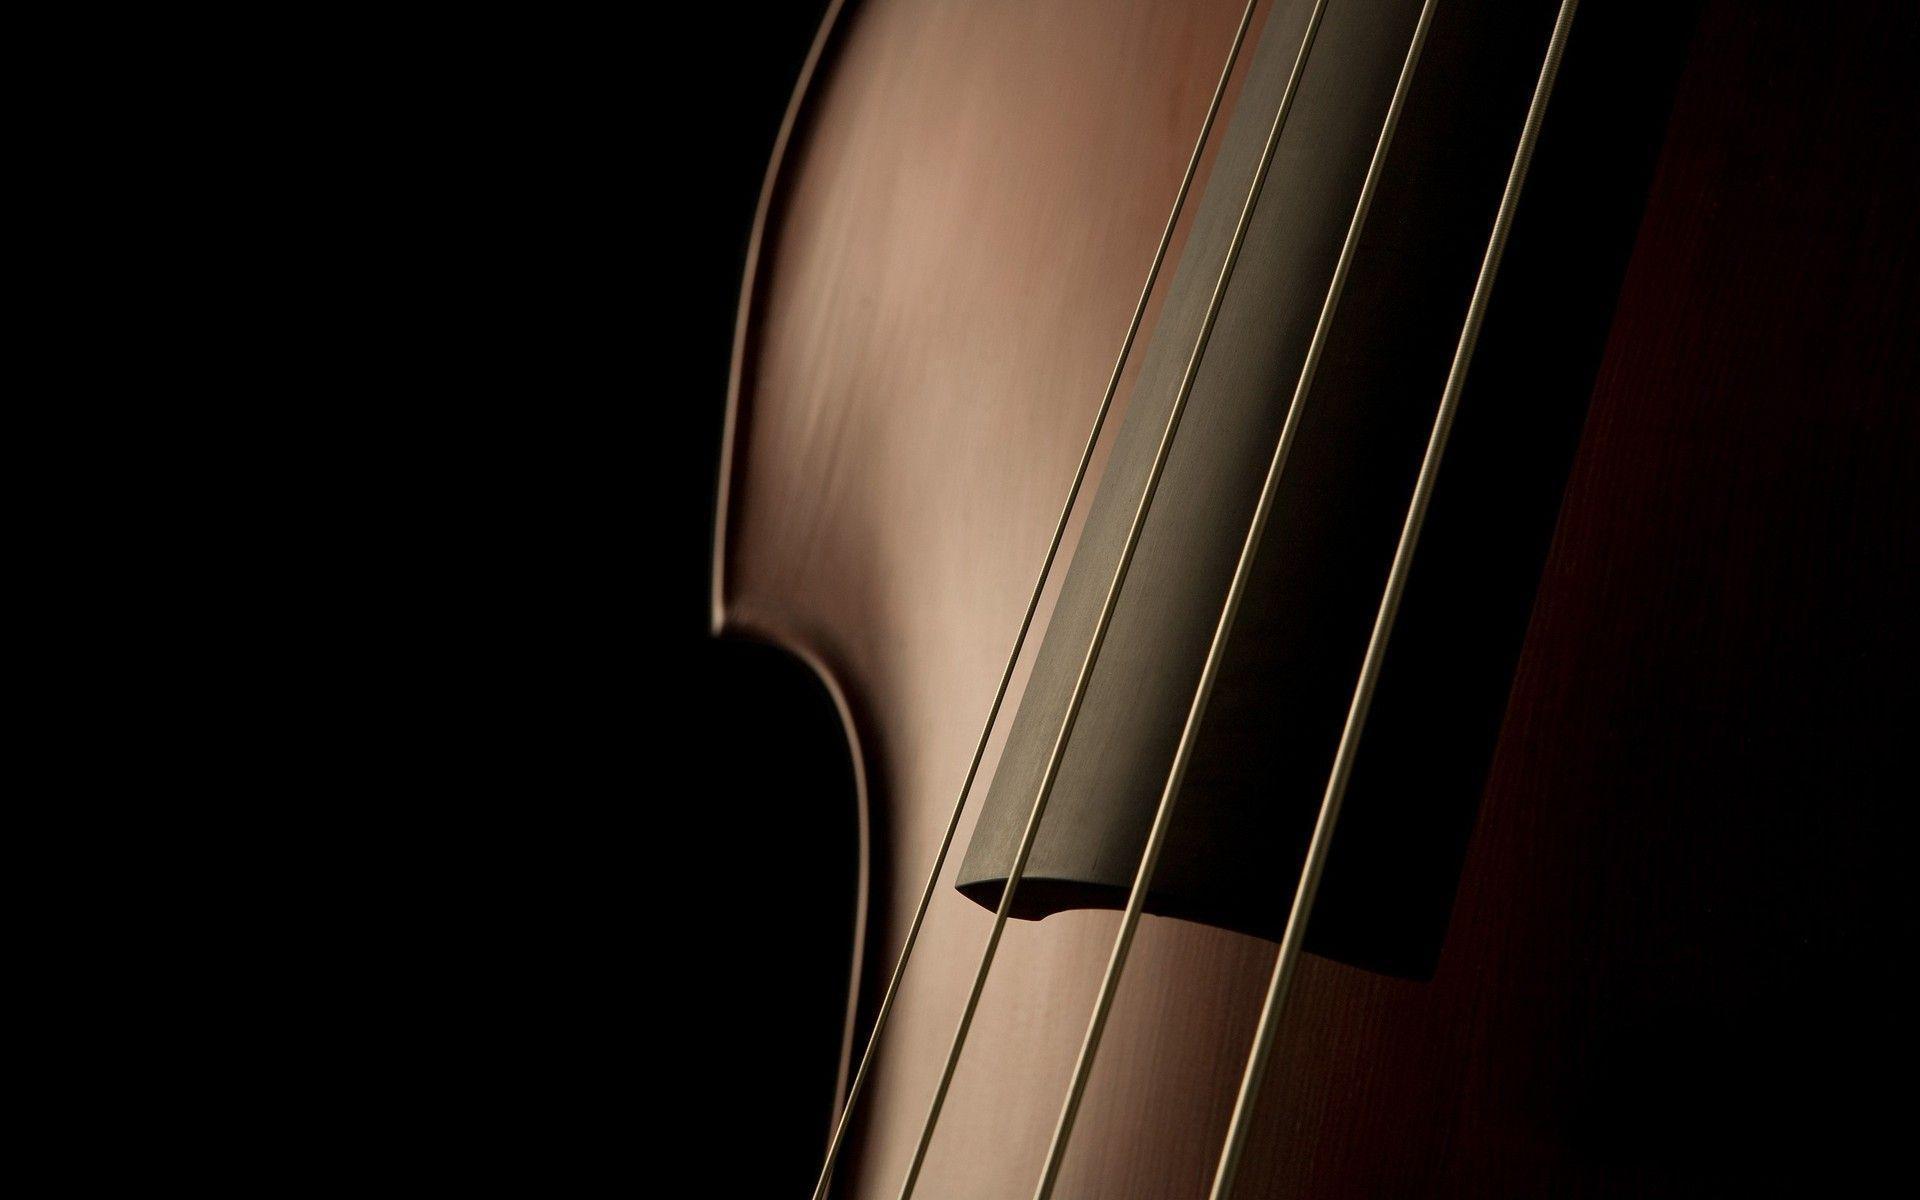 cello music hd wallpaper 72345